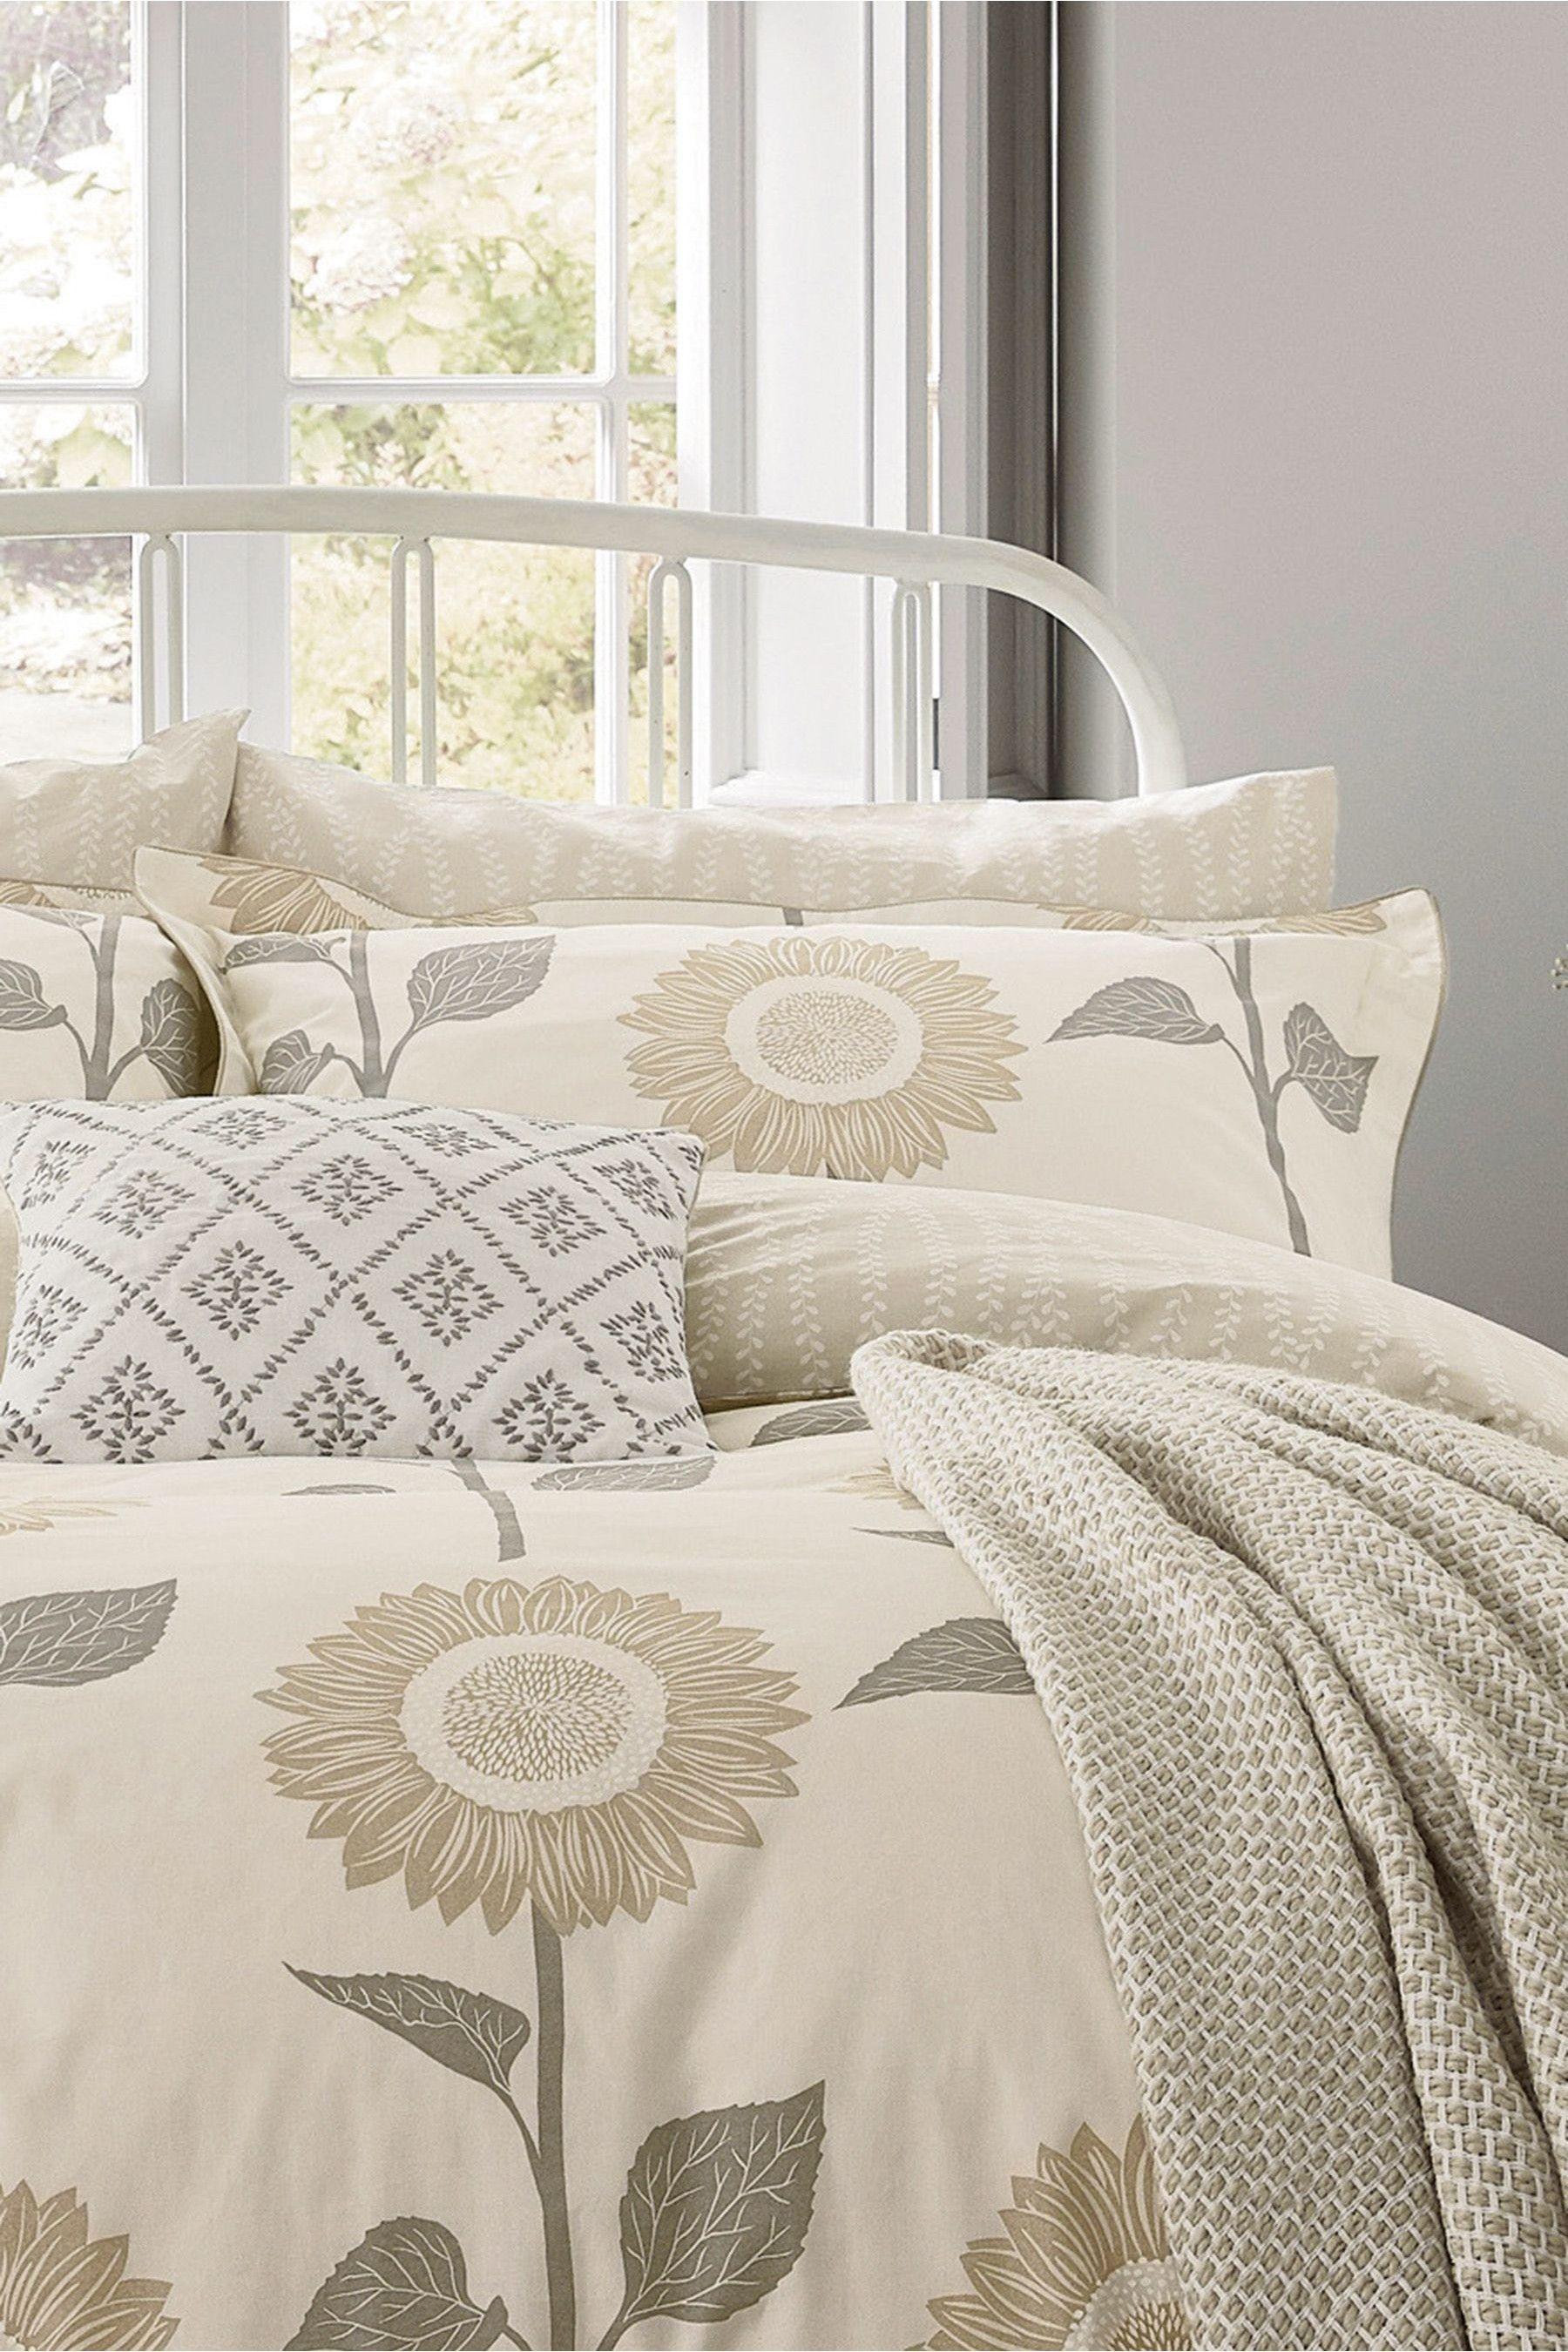 Sanderson Duvet covers & pillow cases